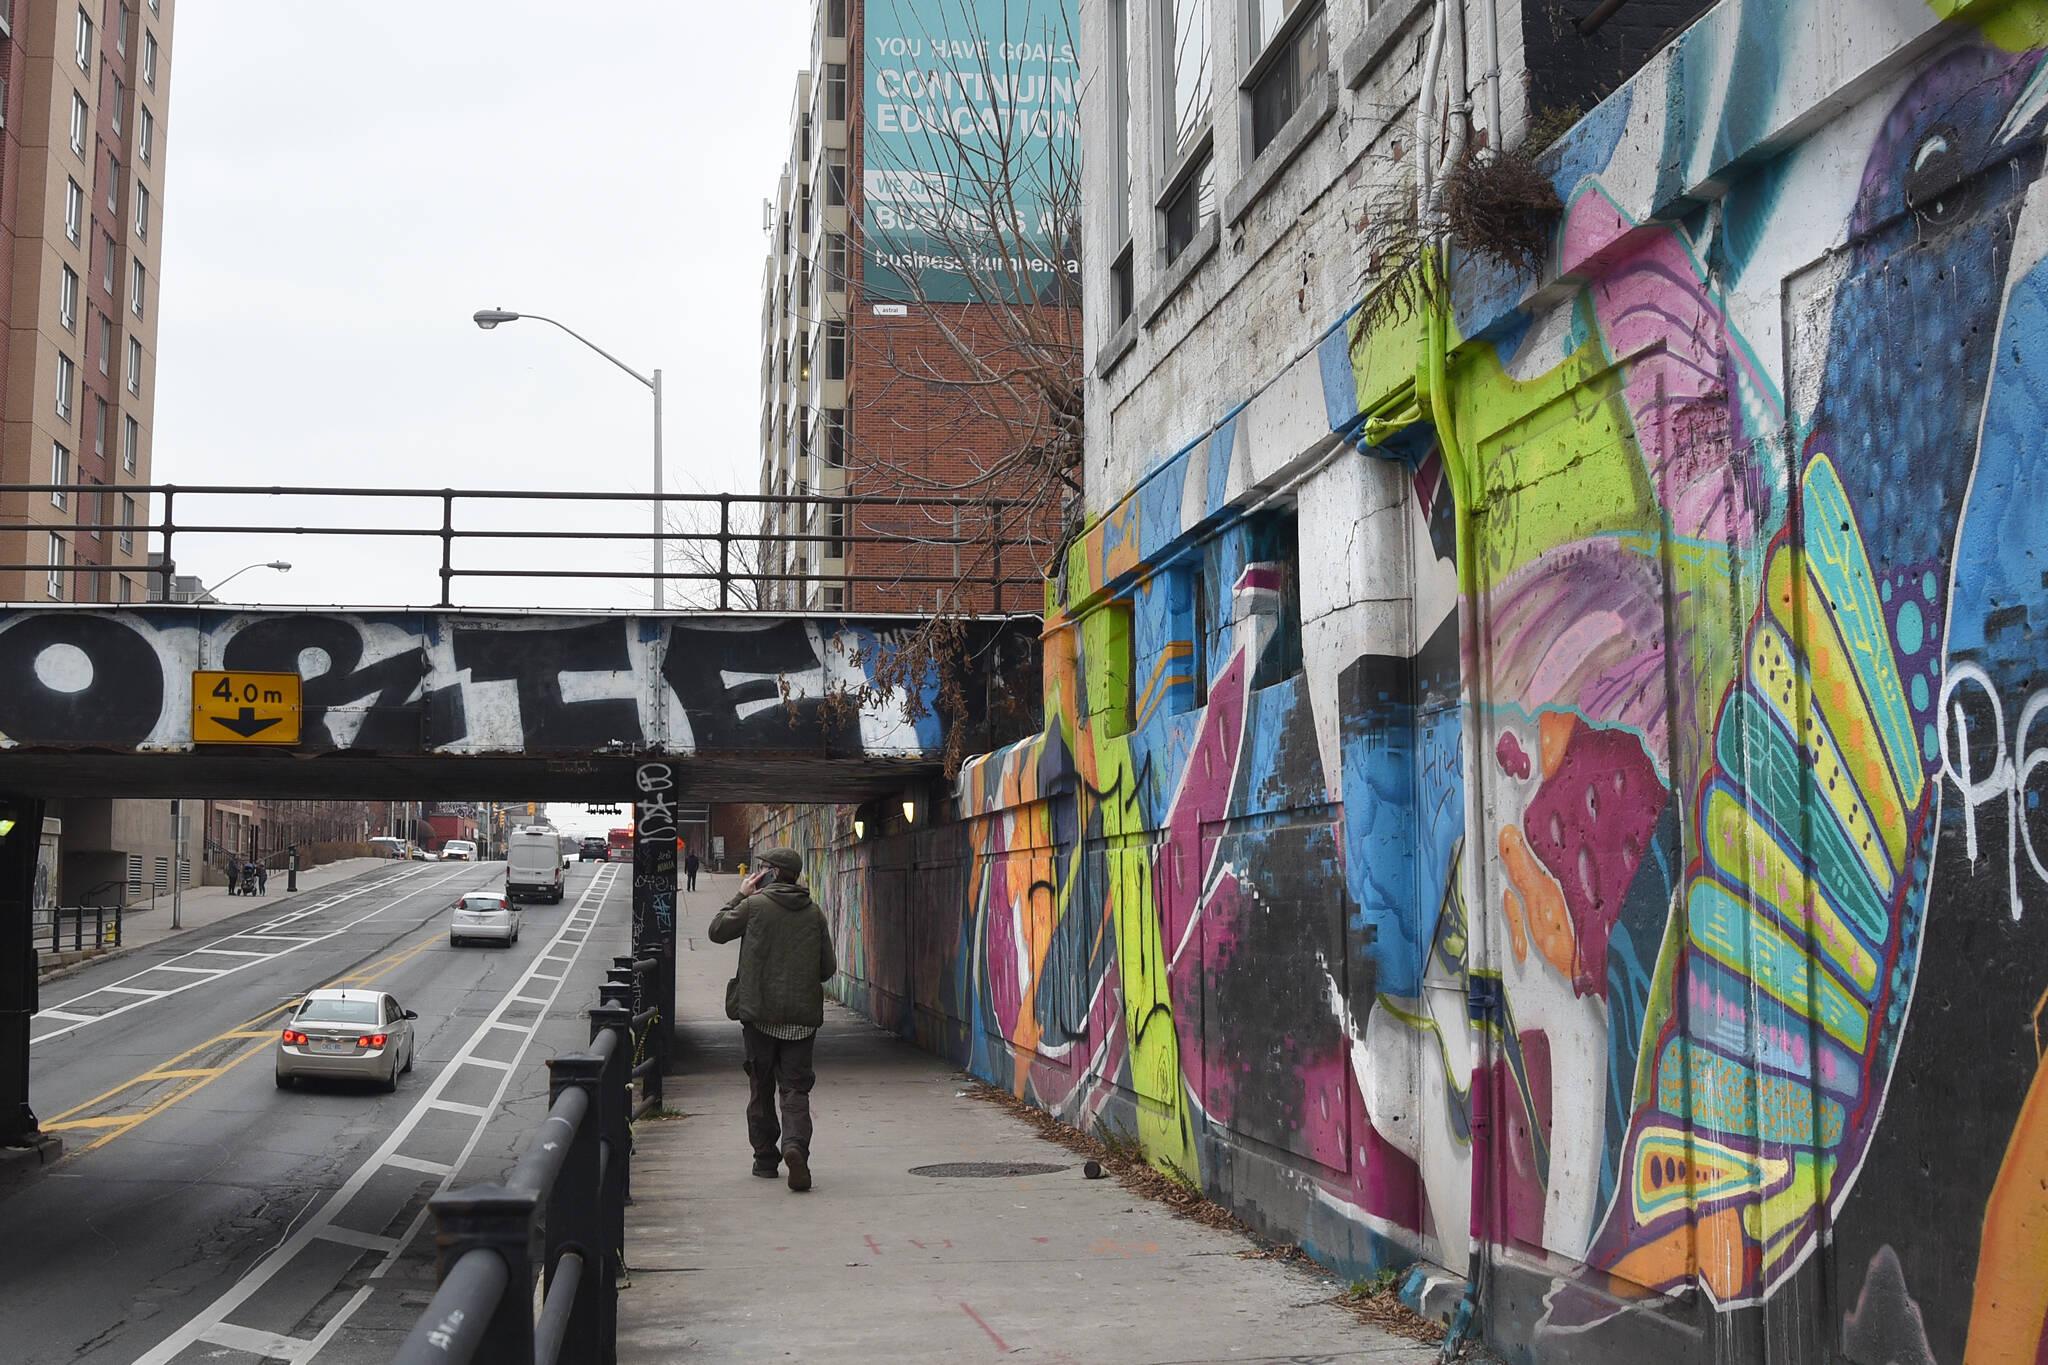 bloor bridge demolition